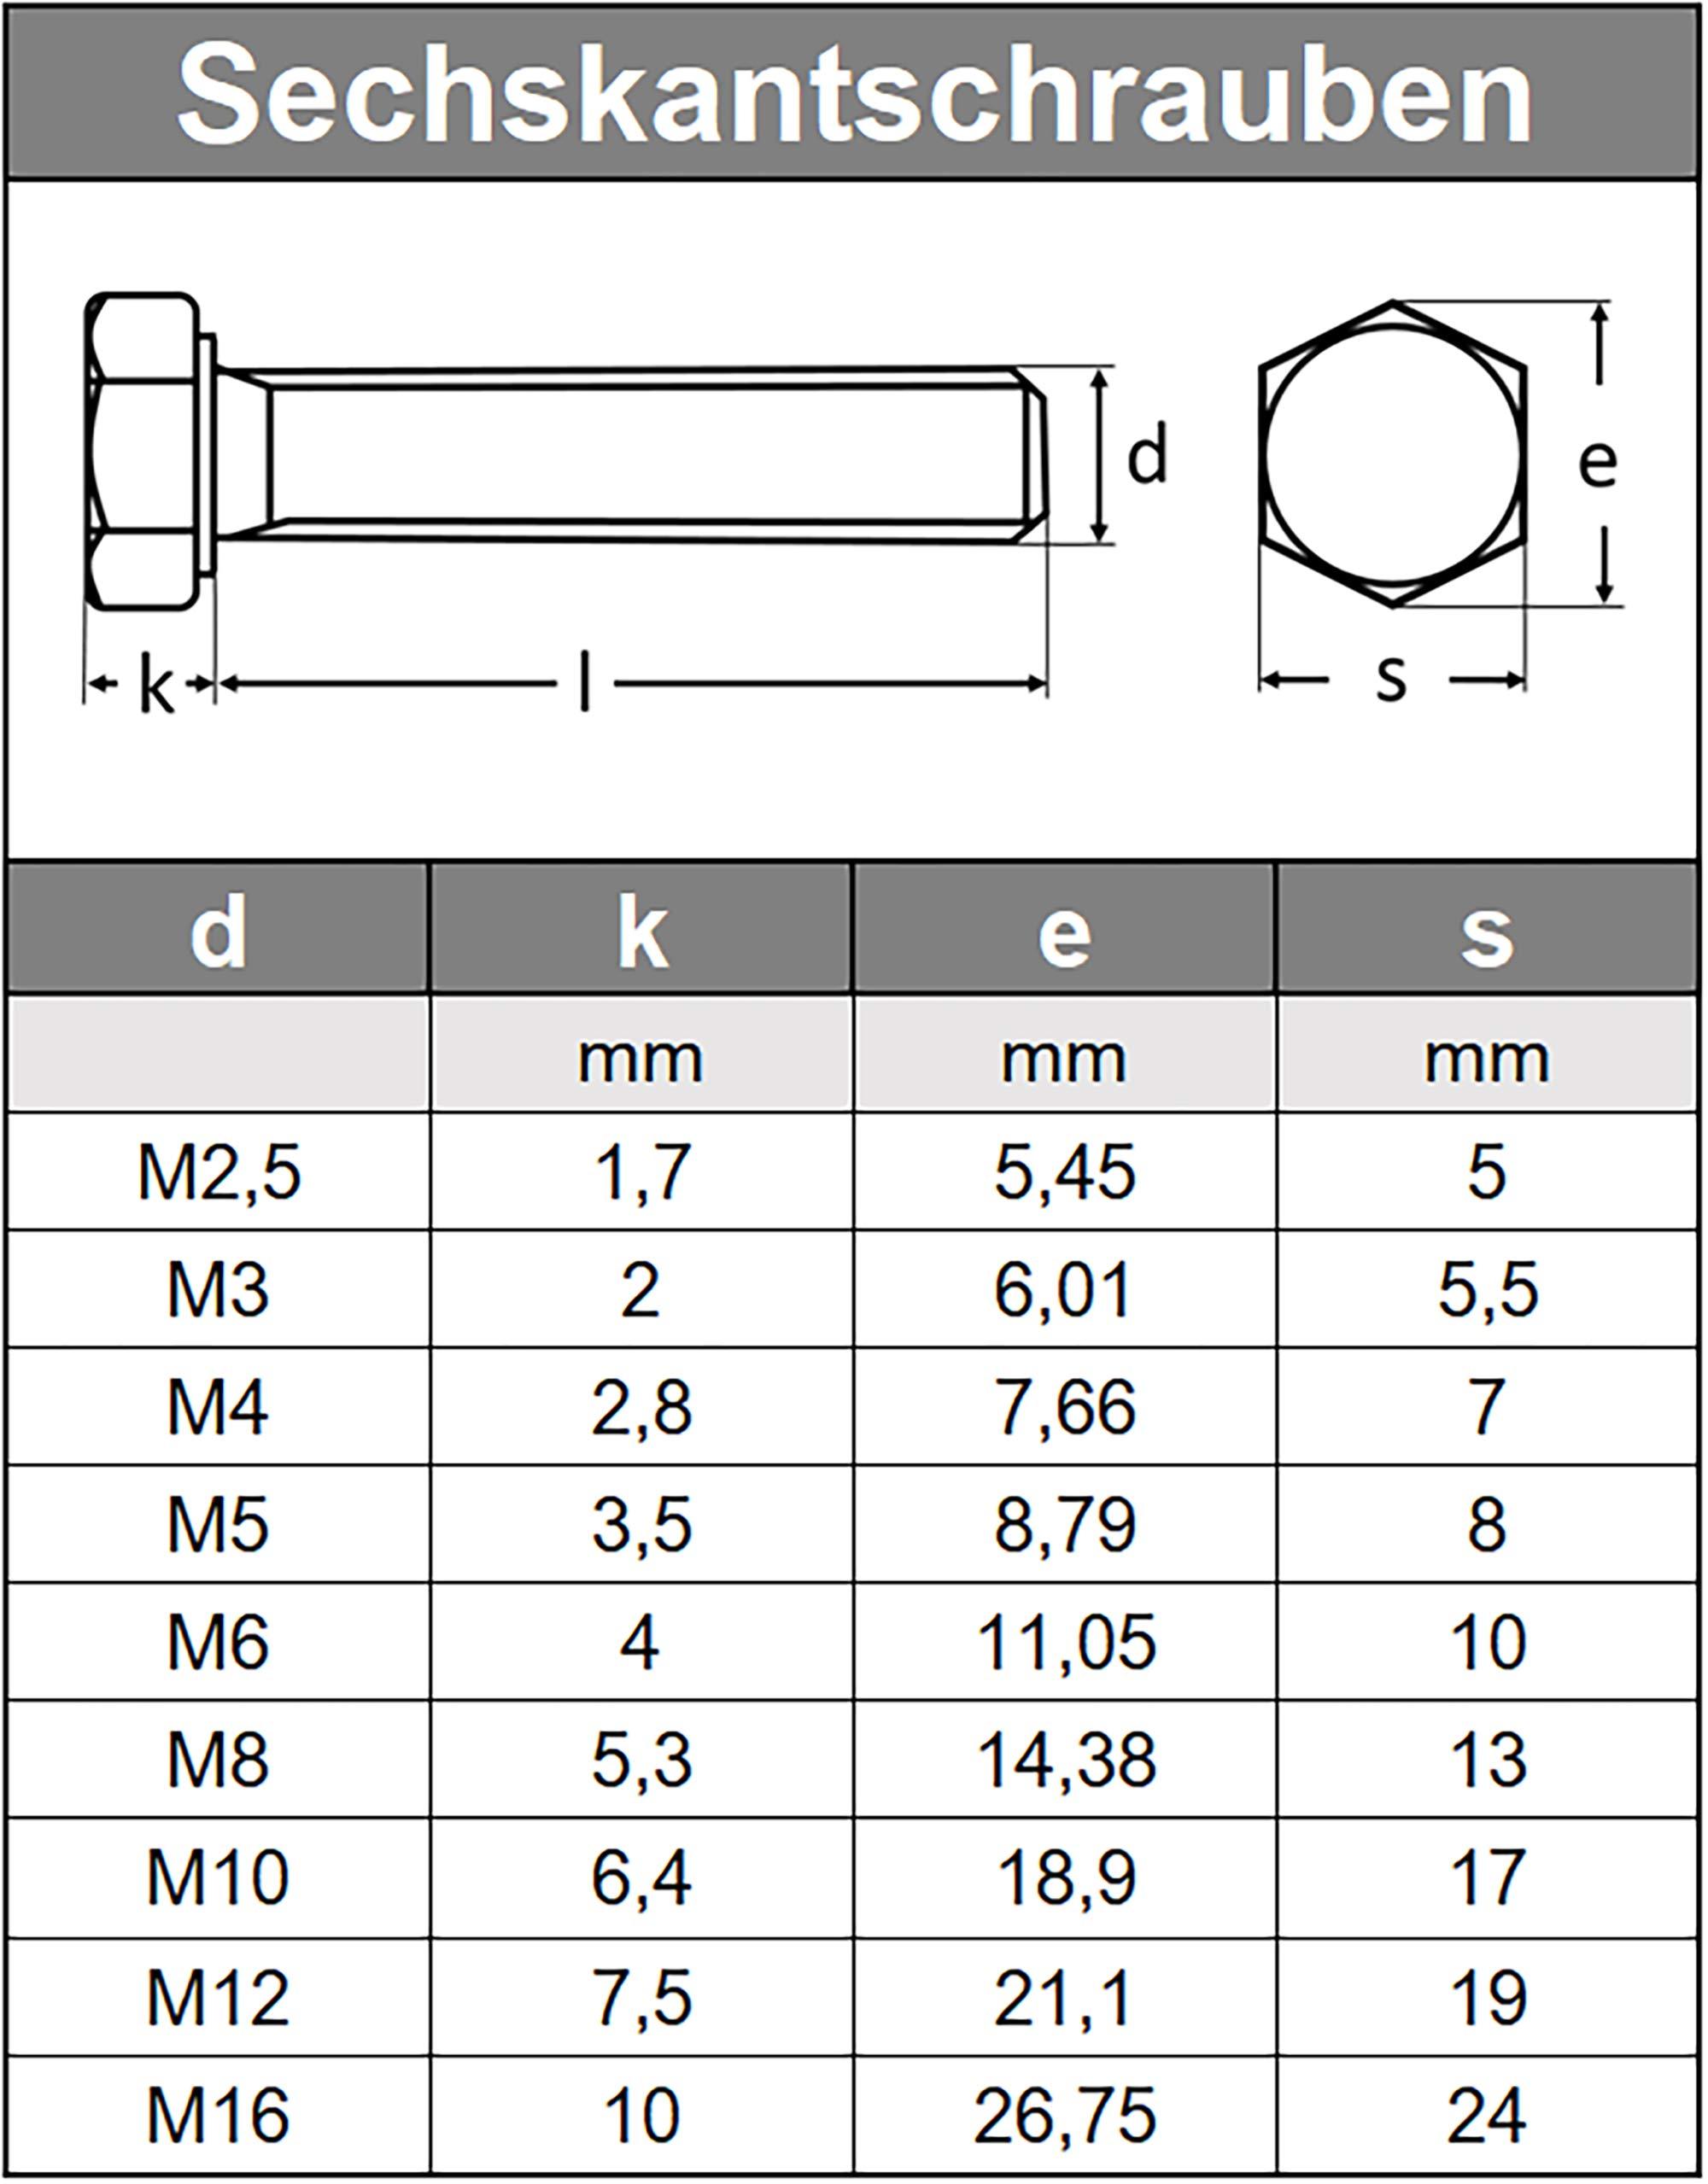 2 St/ück V2A Maschinenschrauben mit Gewinde bis Kopf Sechskantschrauben M10 X 100 DIN 933 Edelstahl A2